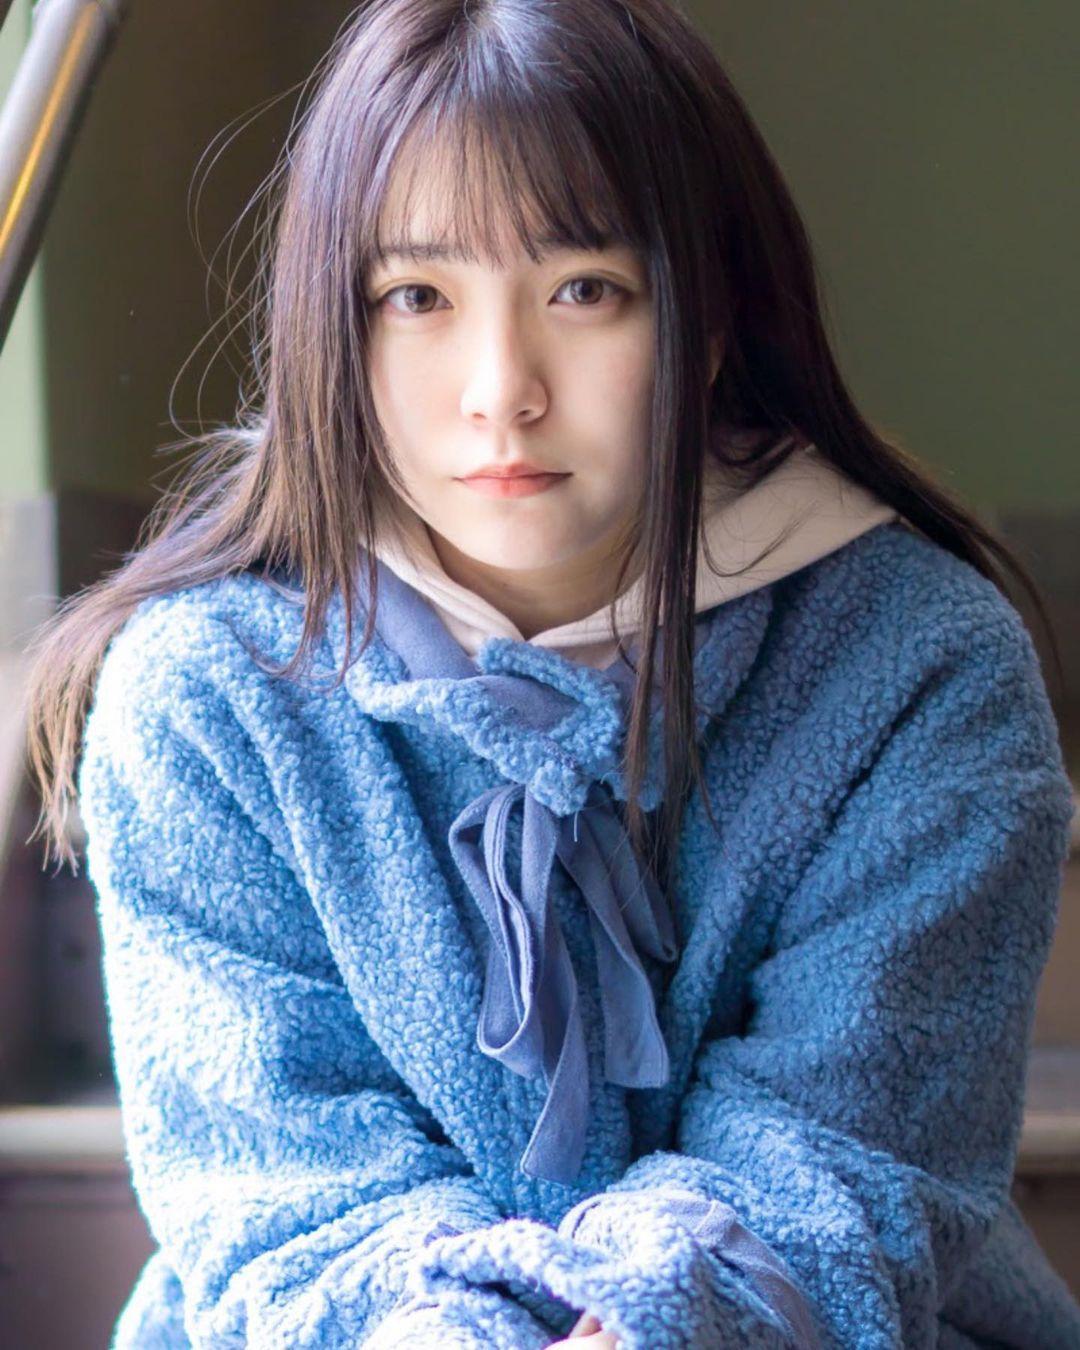 17岁仙女高中生瀬戸りつ绝美长相激似IU 全身散发空灵气质美到有点不真实 养眼图片 第7张